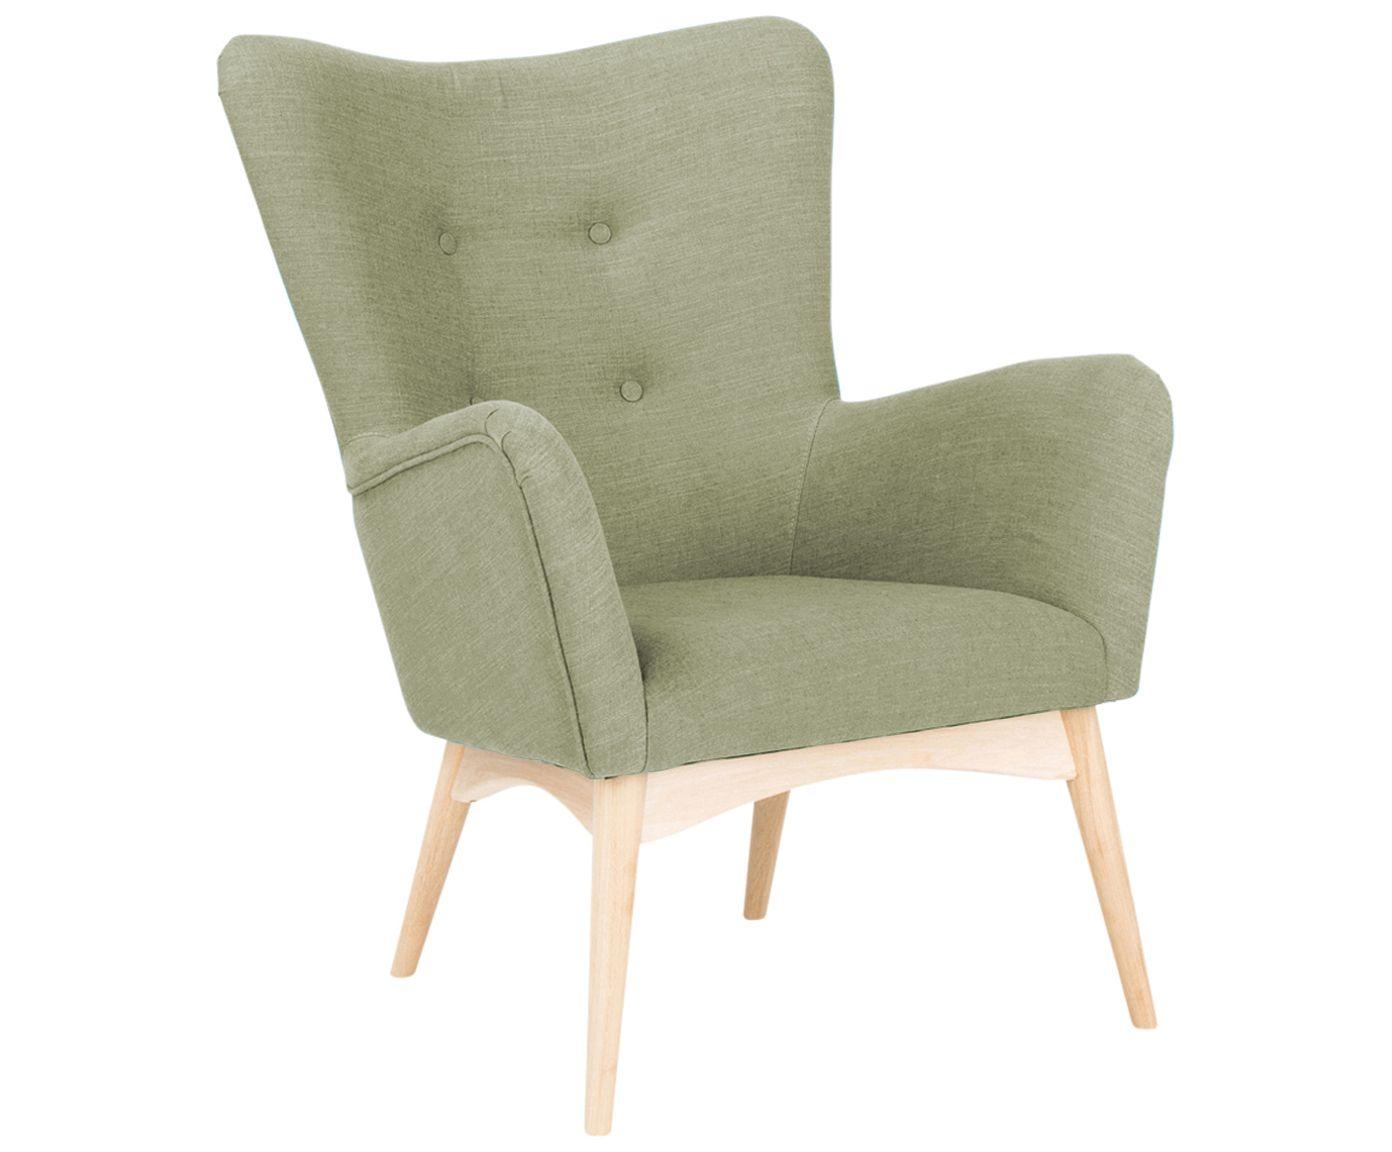 sessel lady deco. Black Bedroom Furniture Sets. Home Design Ideas